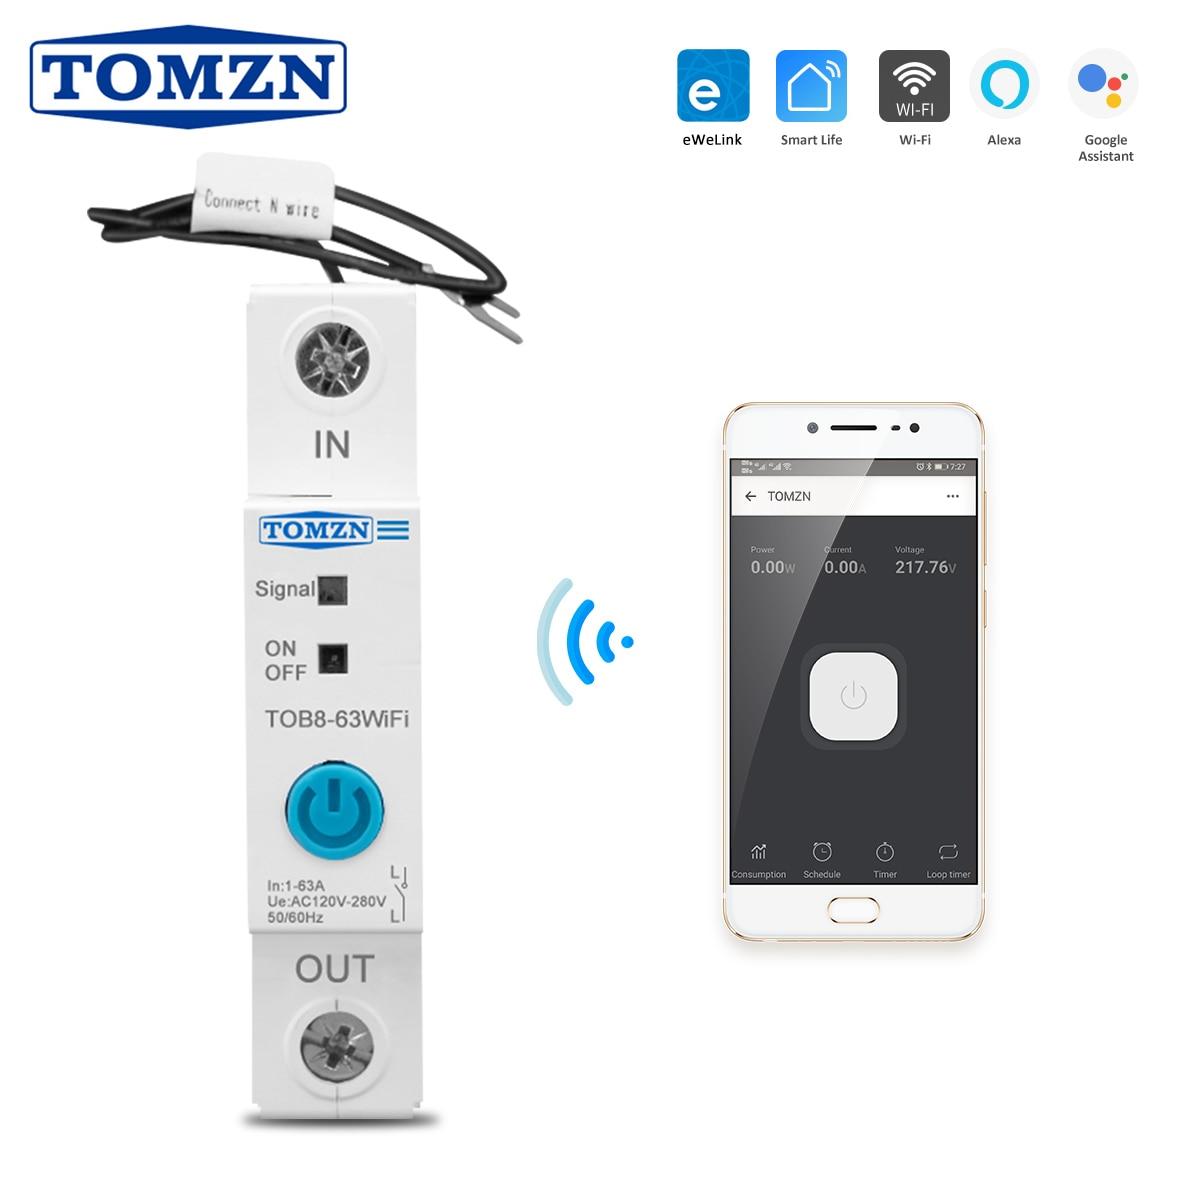 63A Ewelink однофазный WIFI умный измеритель энергии кВт/ч измерительный мониторинг цепи таймер выключателя реле для умного дома TOMZN|Автоматические выключатели|   | АлиЭкспресс